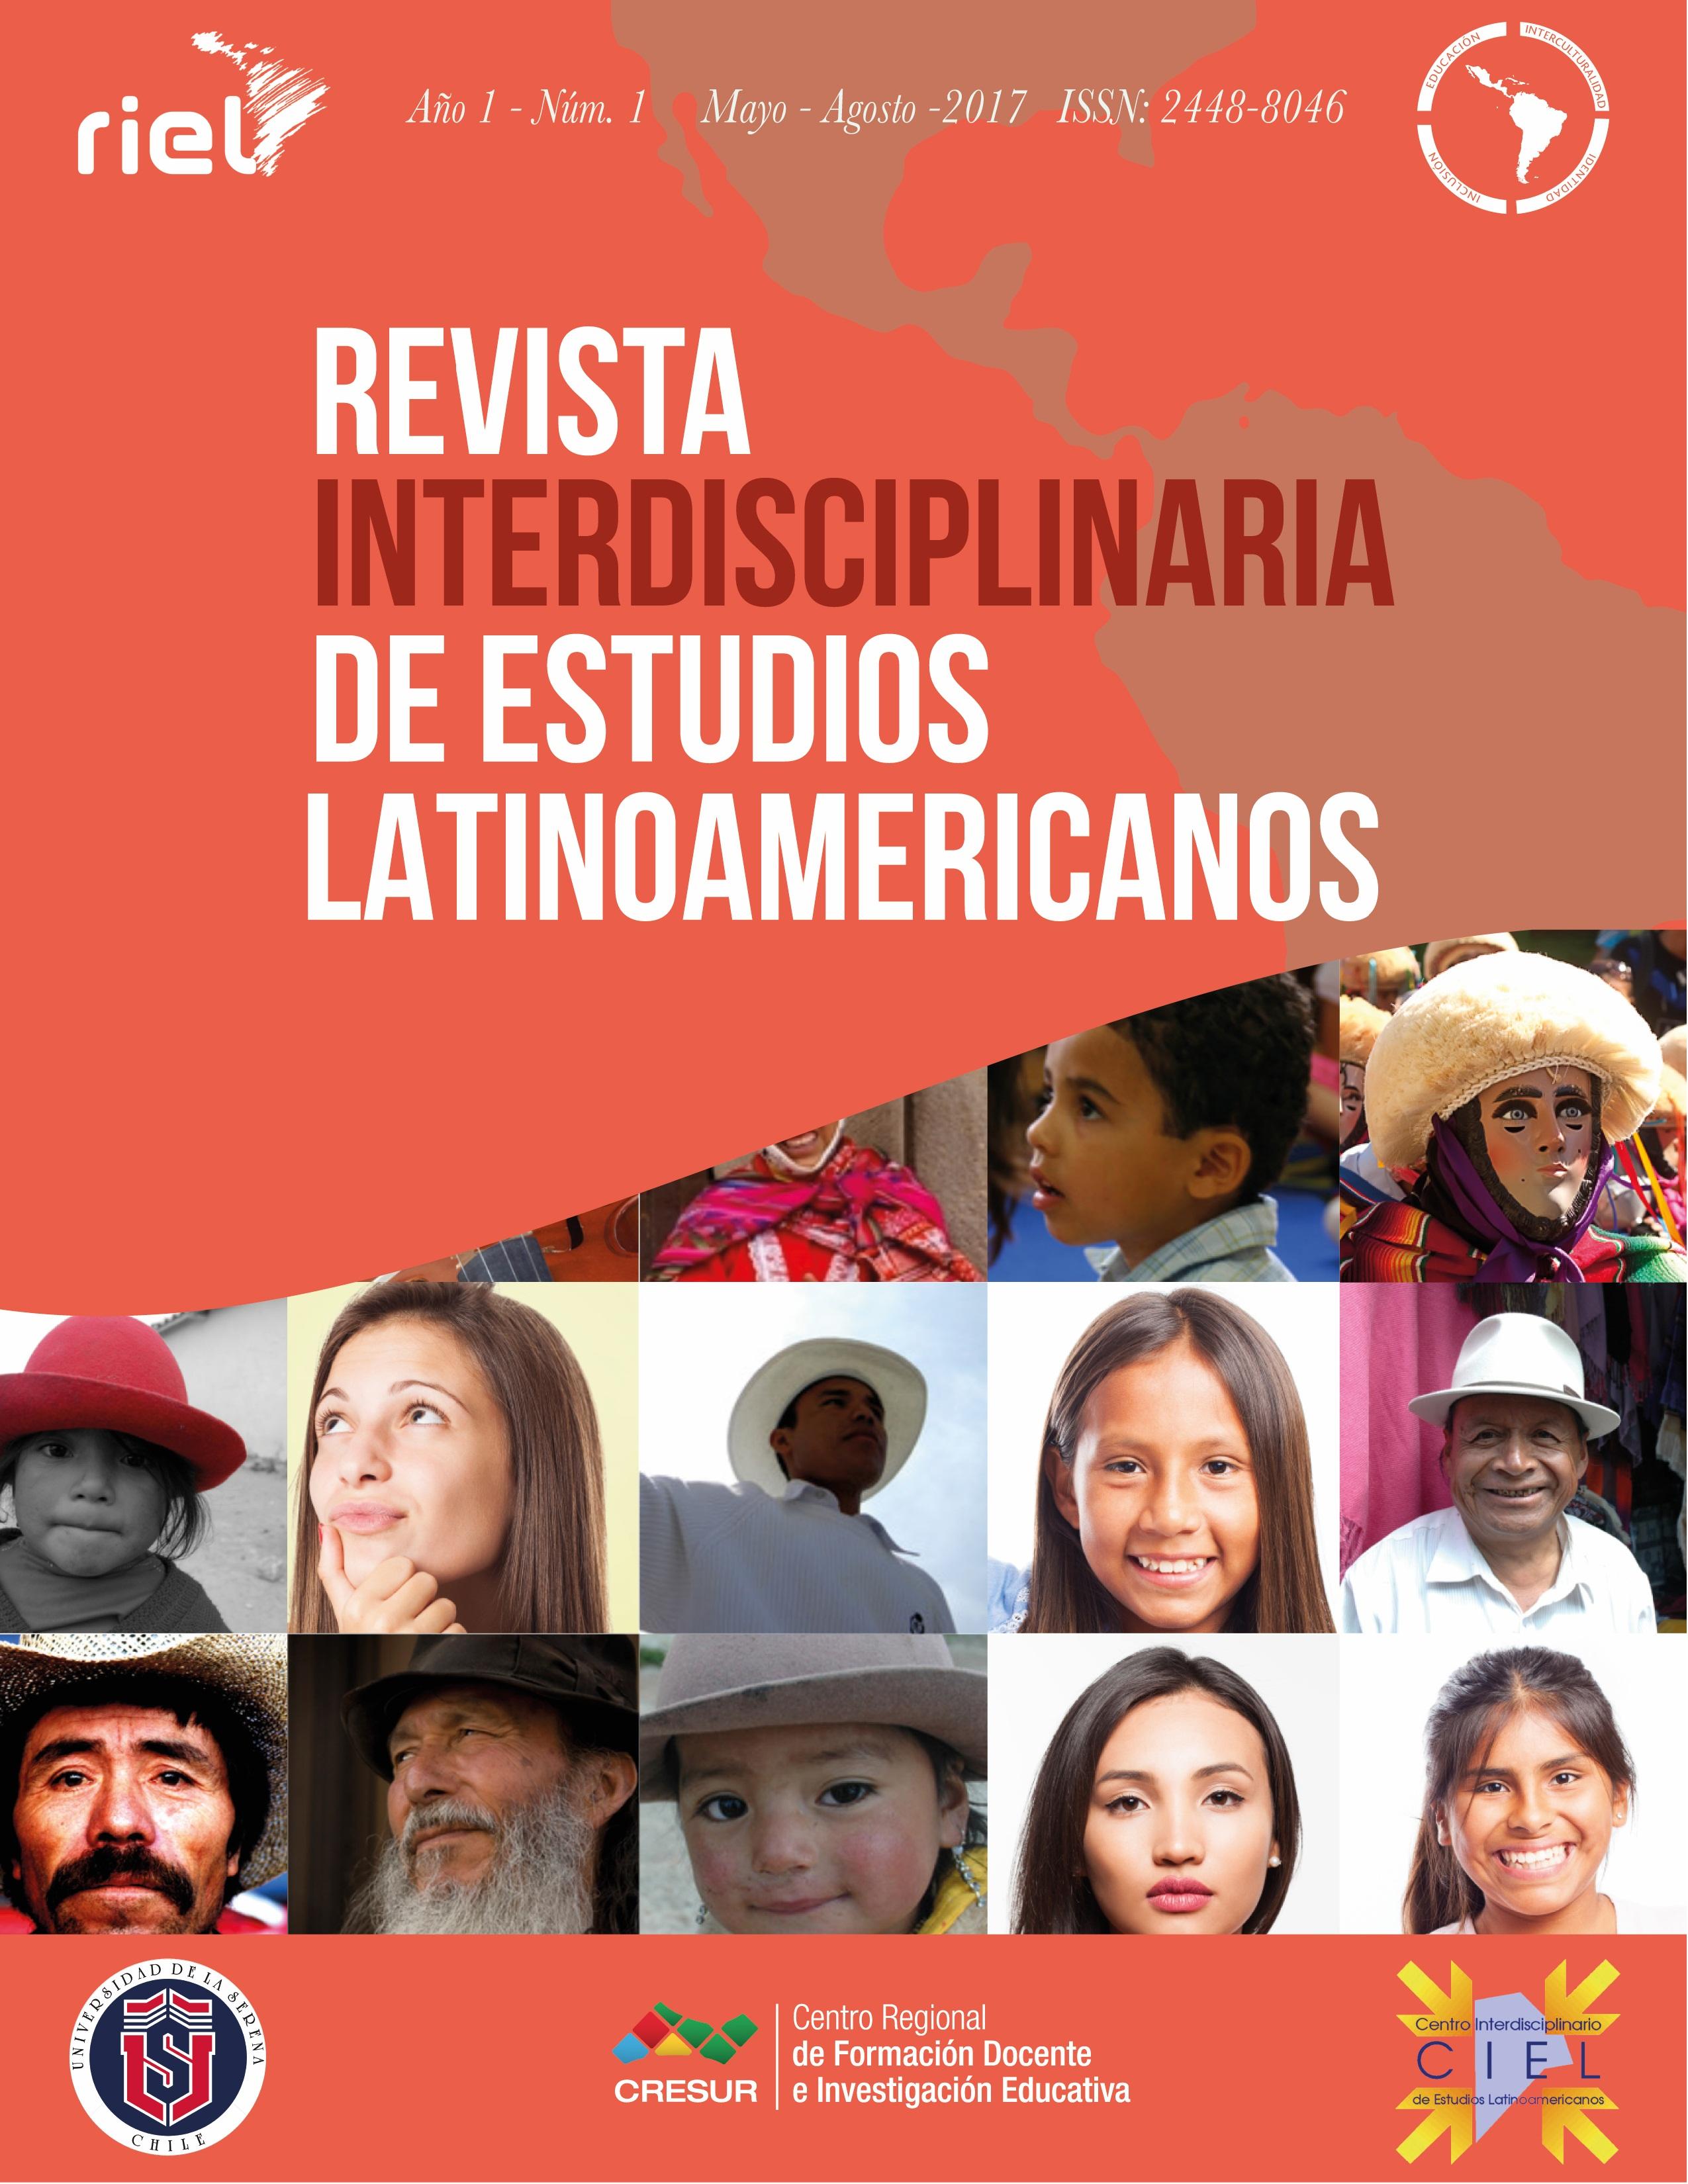 Revista Interdiciplinaria de Estudios Latinoamericanos (Año 1 no. 1 mayo-ago 2017)